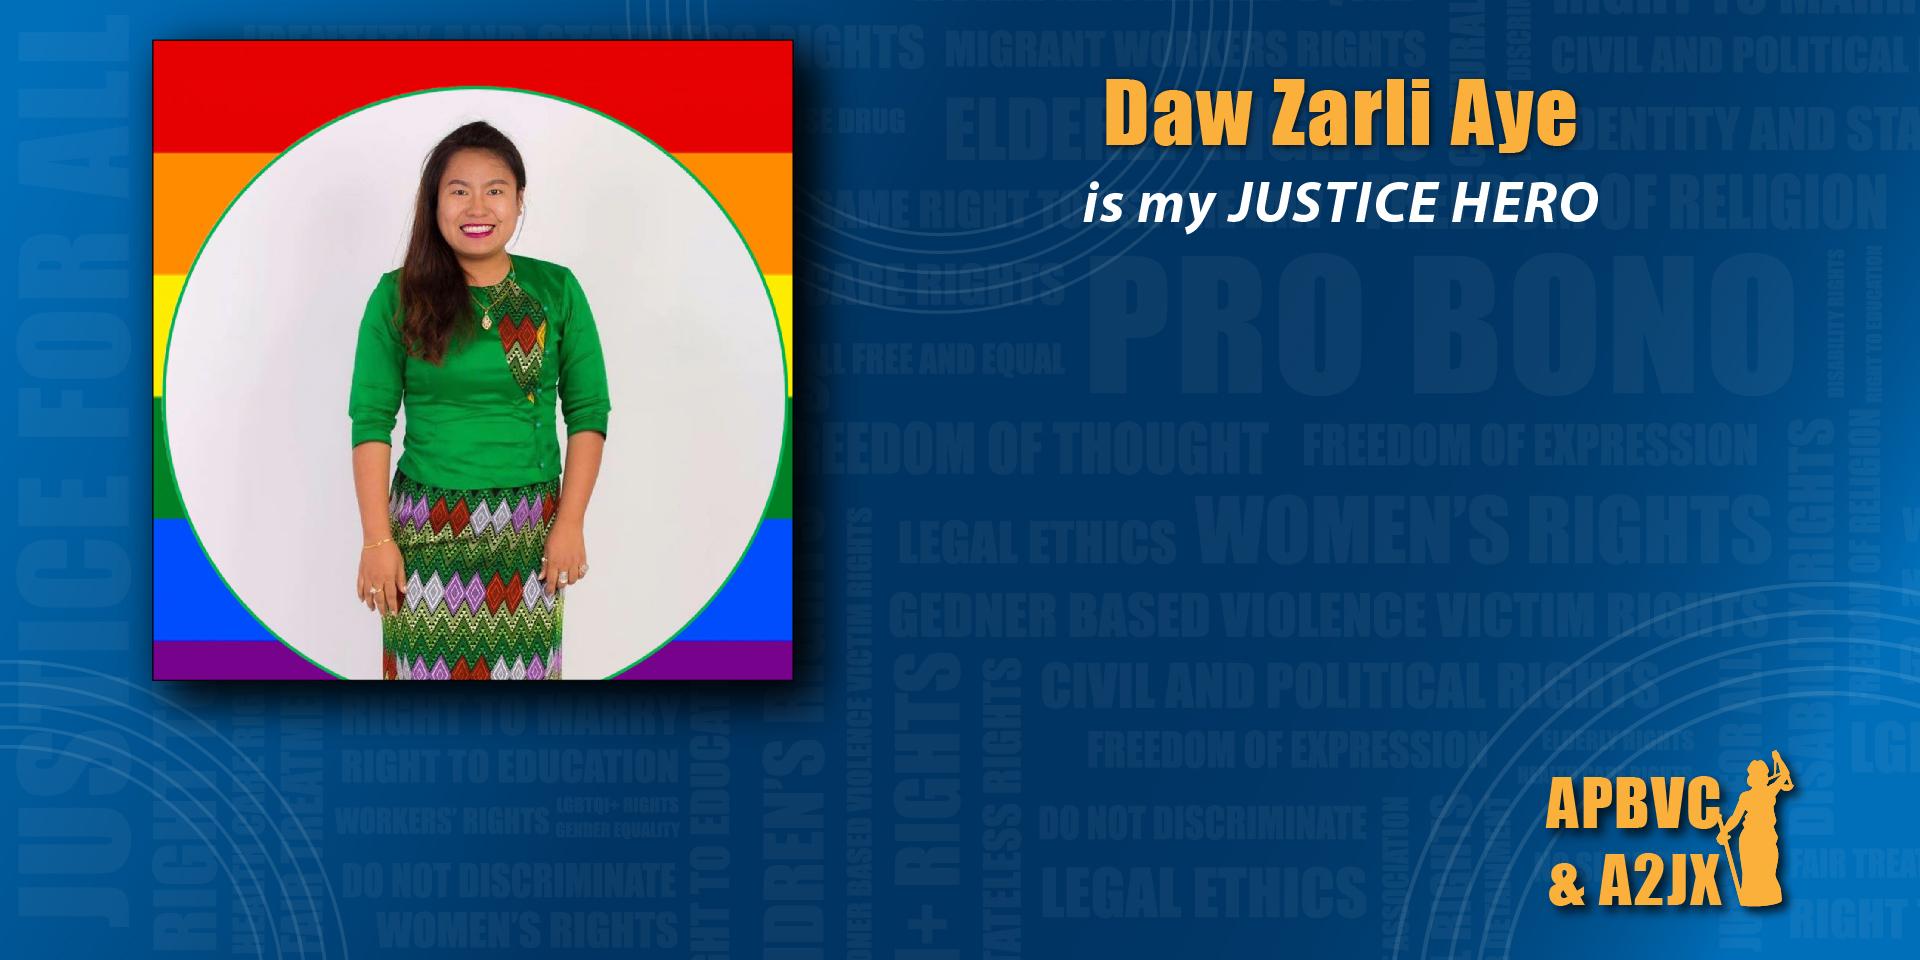 Daw Zarli Aye